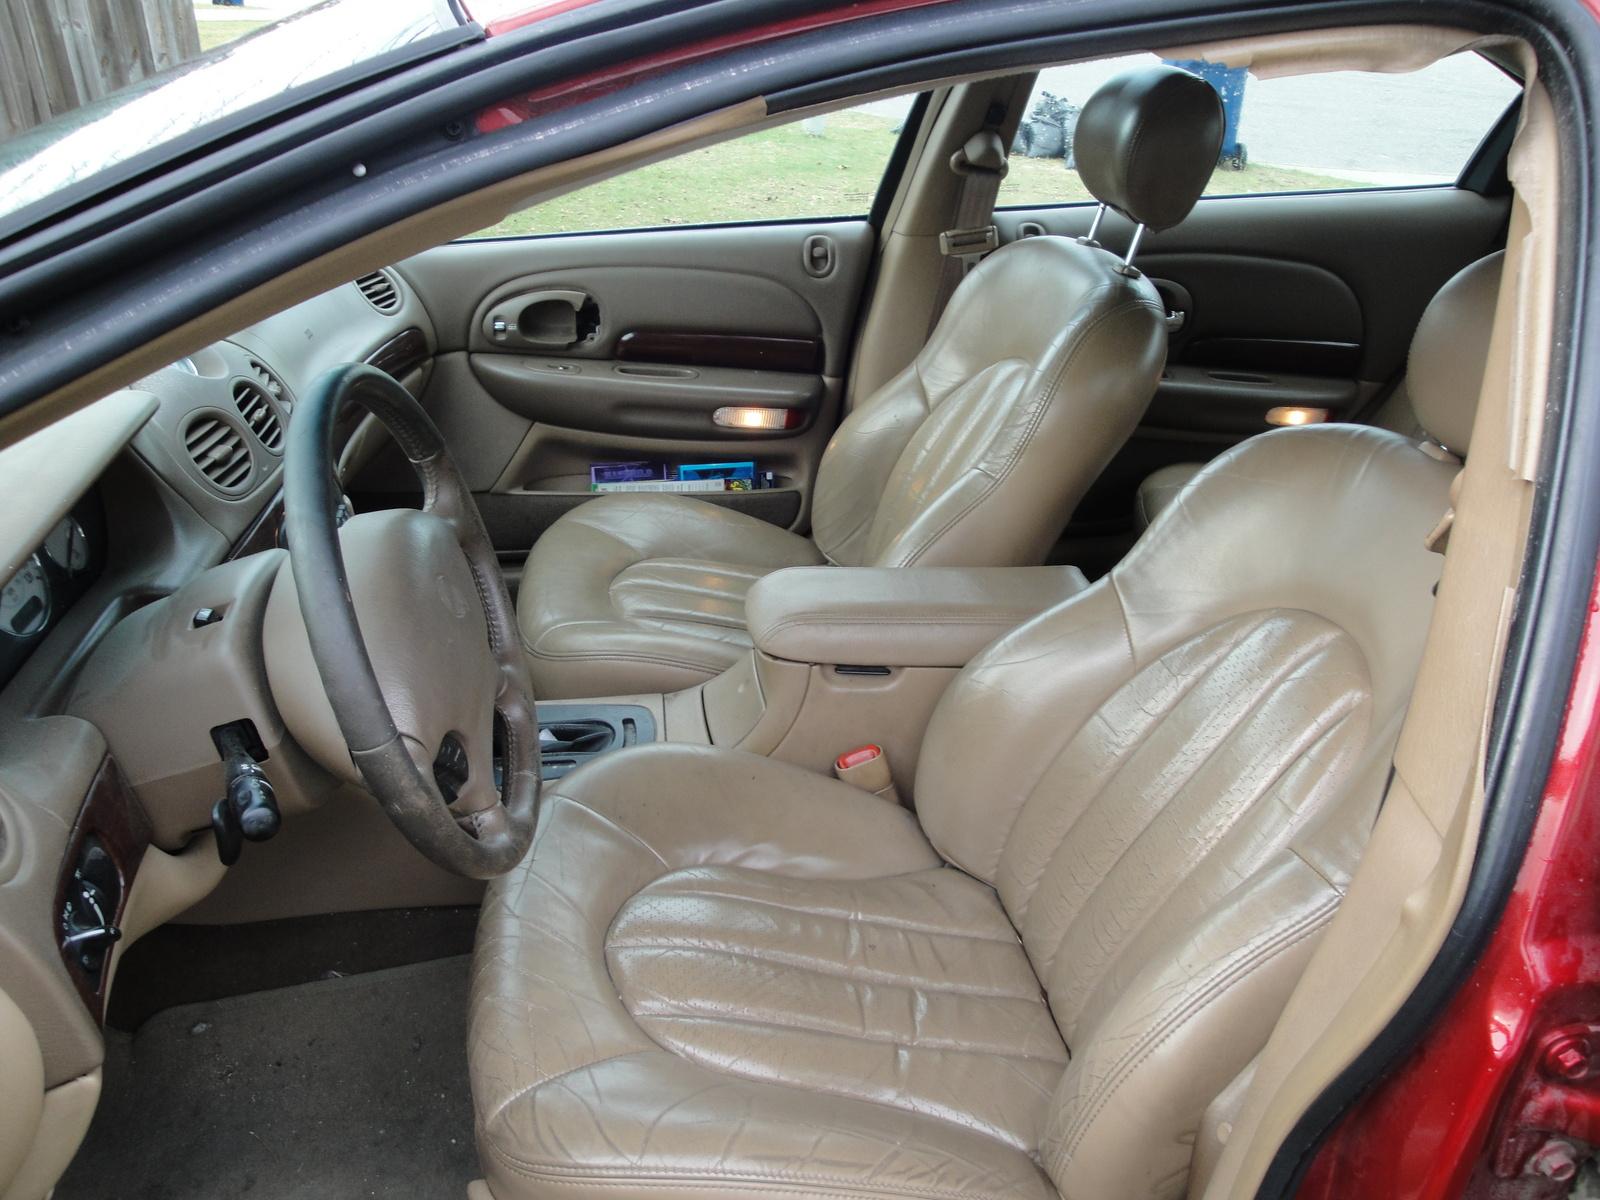 2000 Chrysler 300M - Interior Pictures - CarGurus